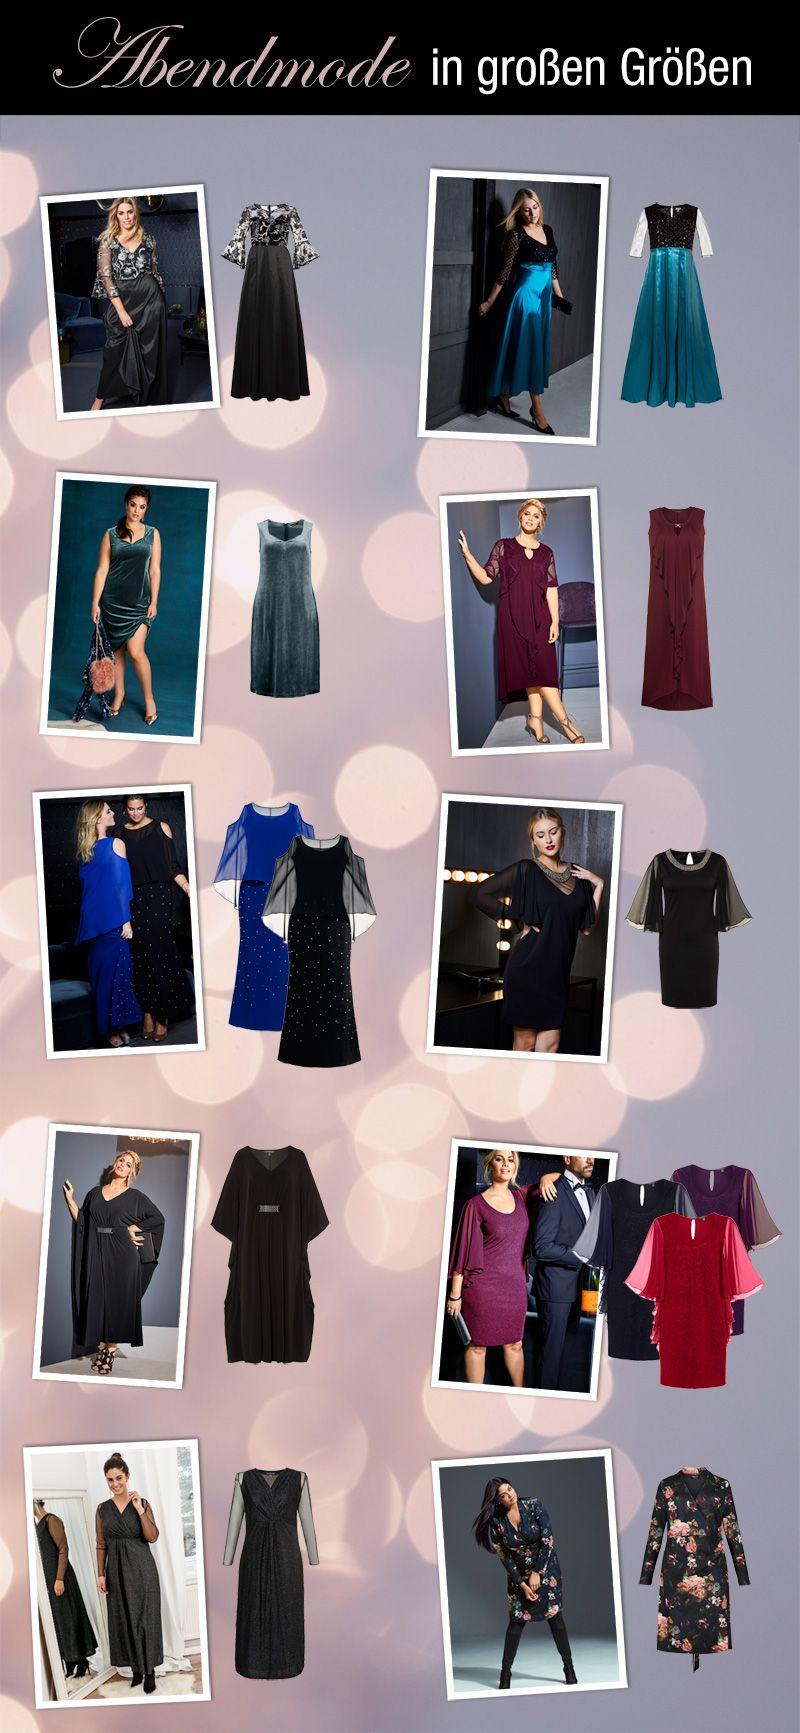 Abendmode in großen Größen  Mode, Elegante abendkleider, Party mode